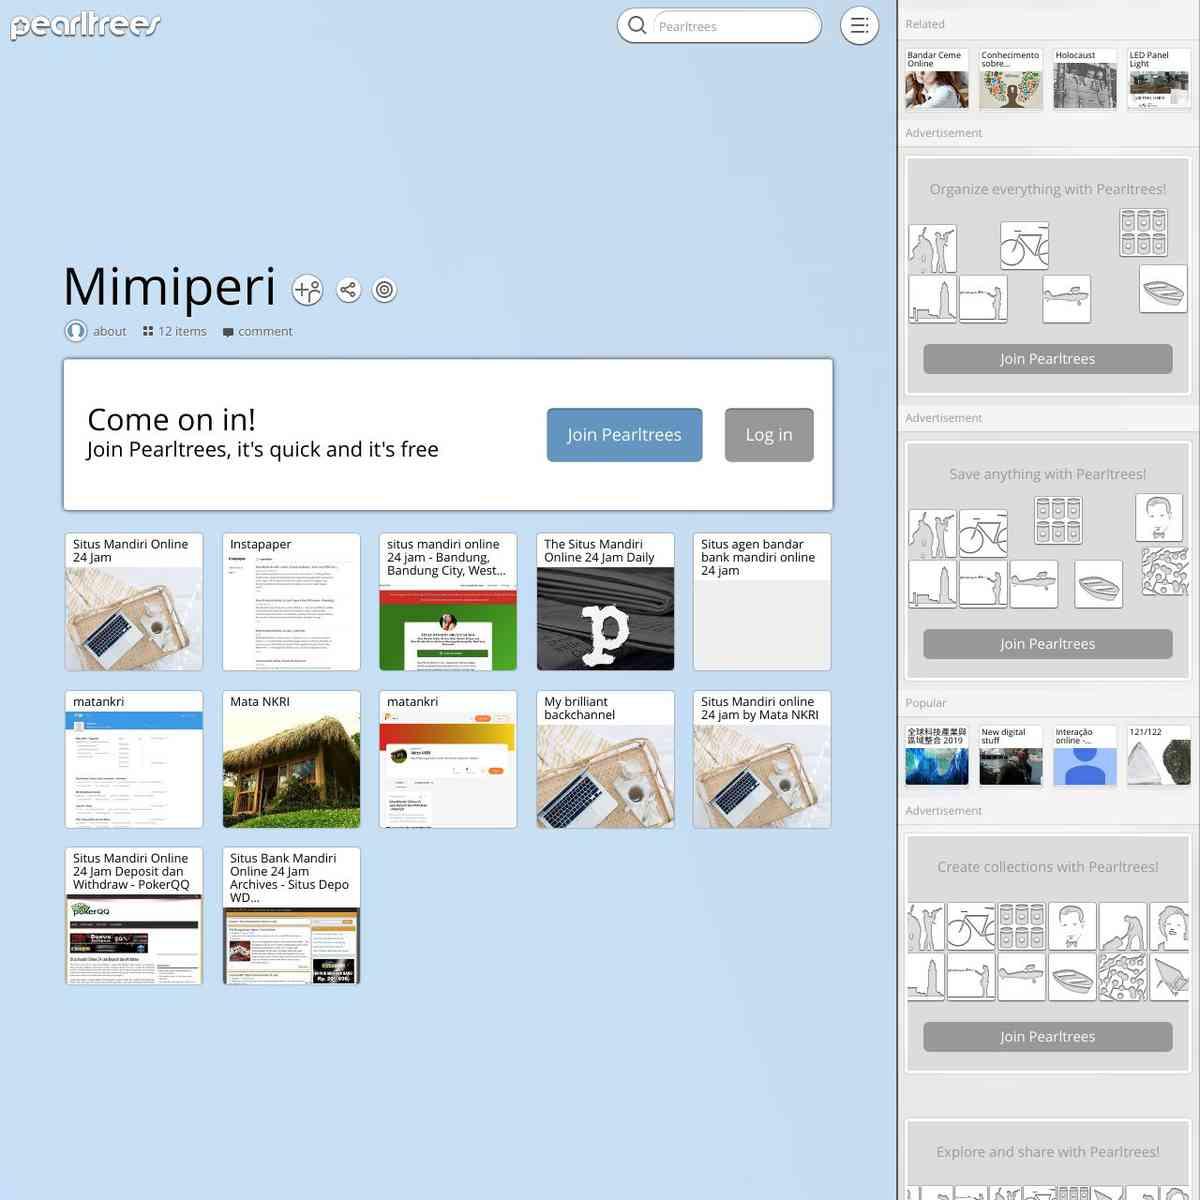 pearltrees.com/mimiperi